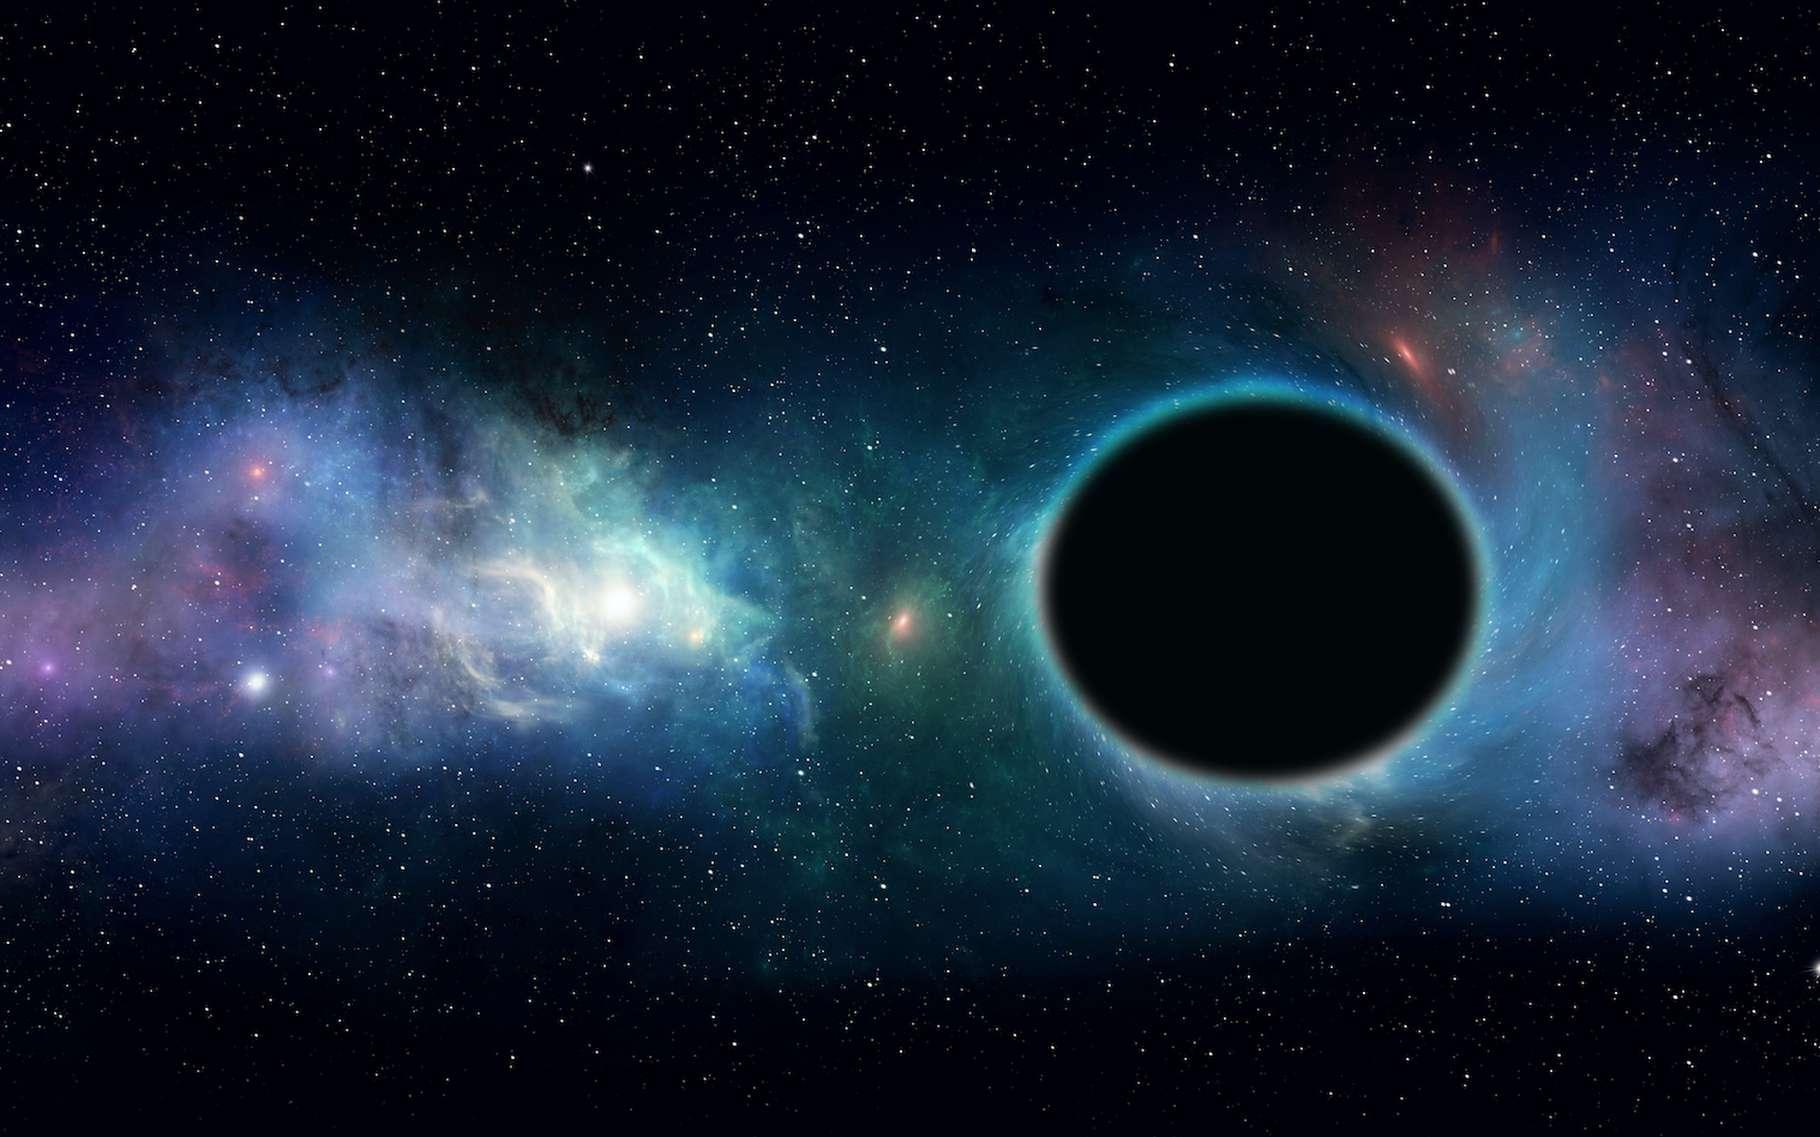 Les trous noirs se développent de manière différente, en fonction de leur masse et de leur « décalage vers le rouge », c'est-à-dire de leur éloignement à la Terre. © alex_aldo, Adobe Stock